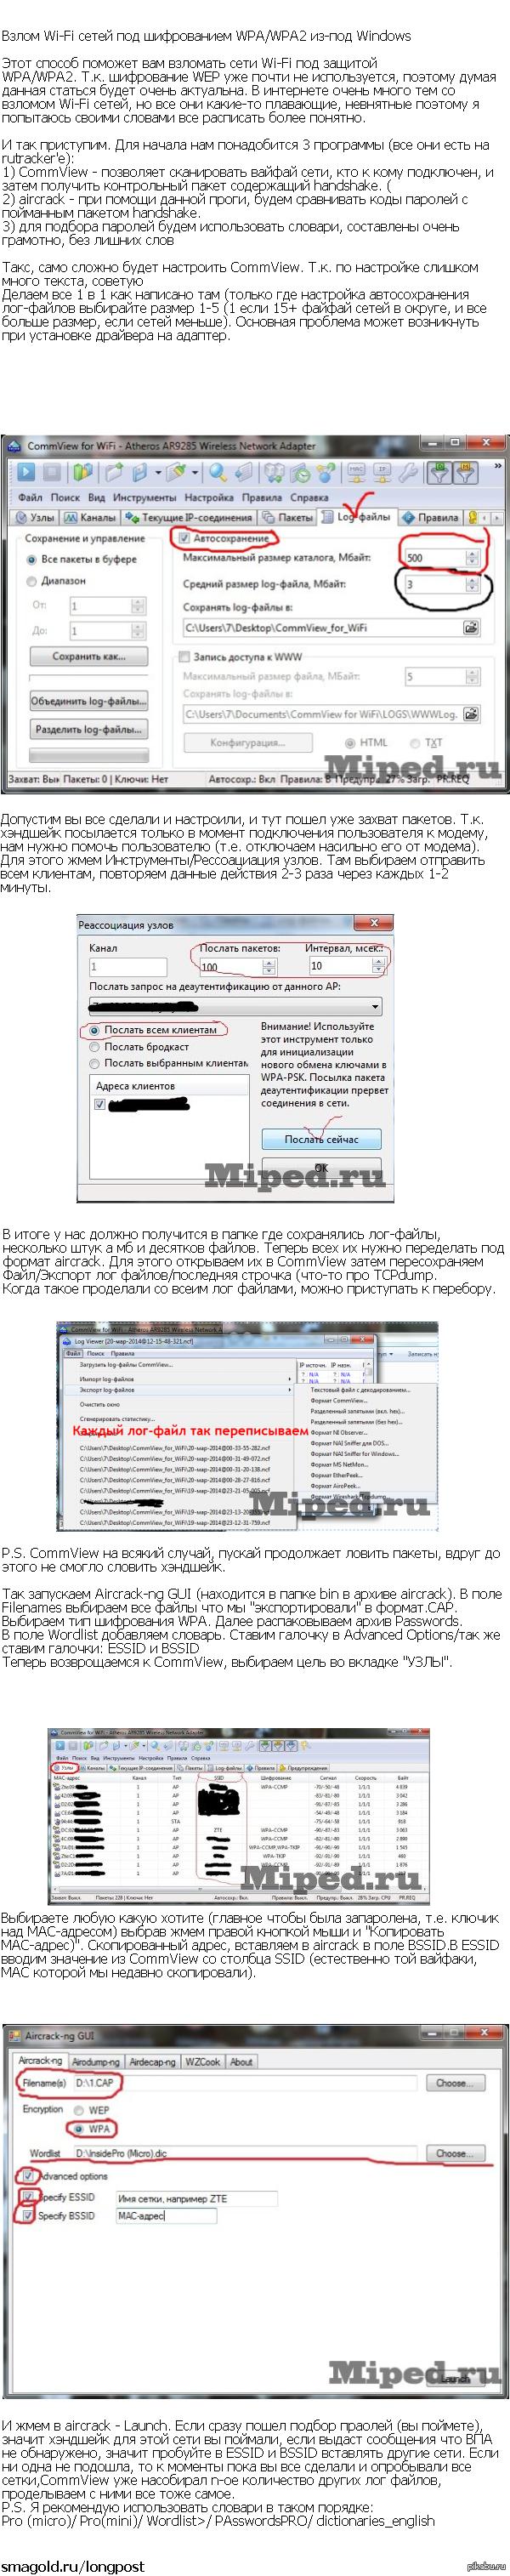 Как взломать защищенную Wi-Fi сеть? . - Мои статьи - Взлом Wi-fi, Vkontakt